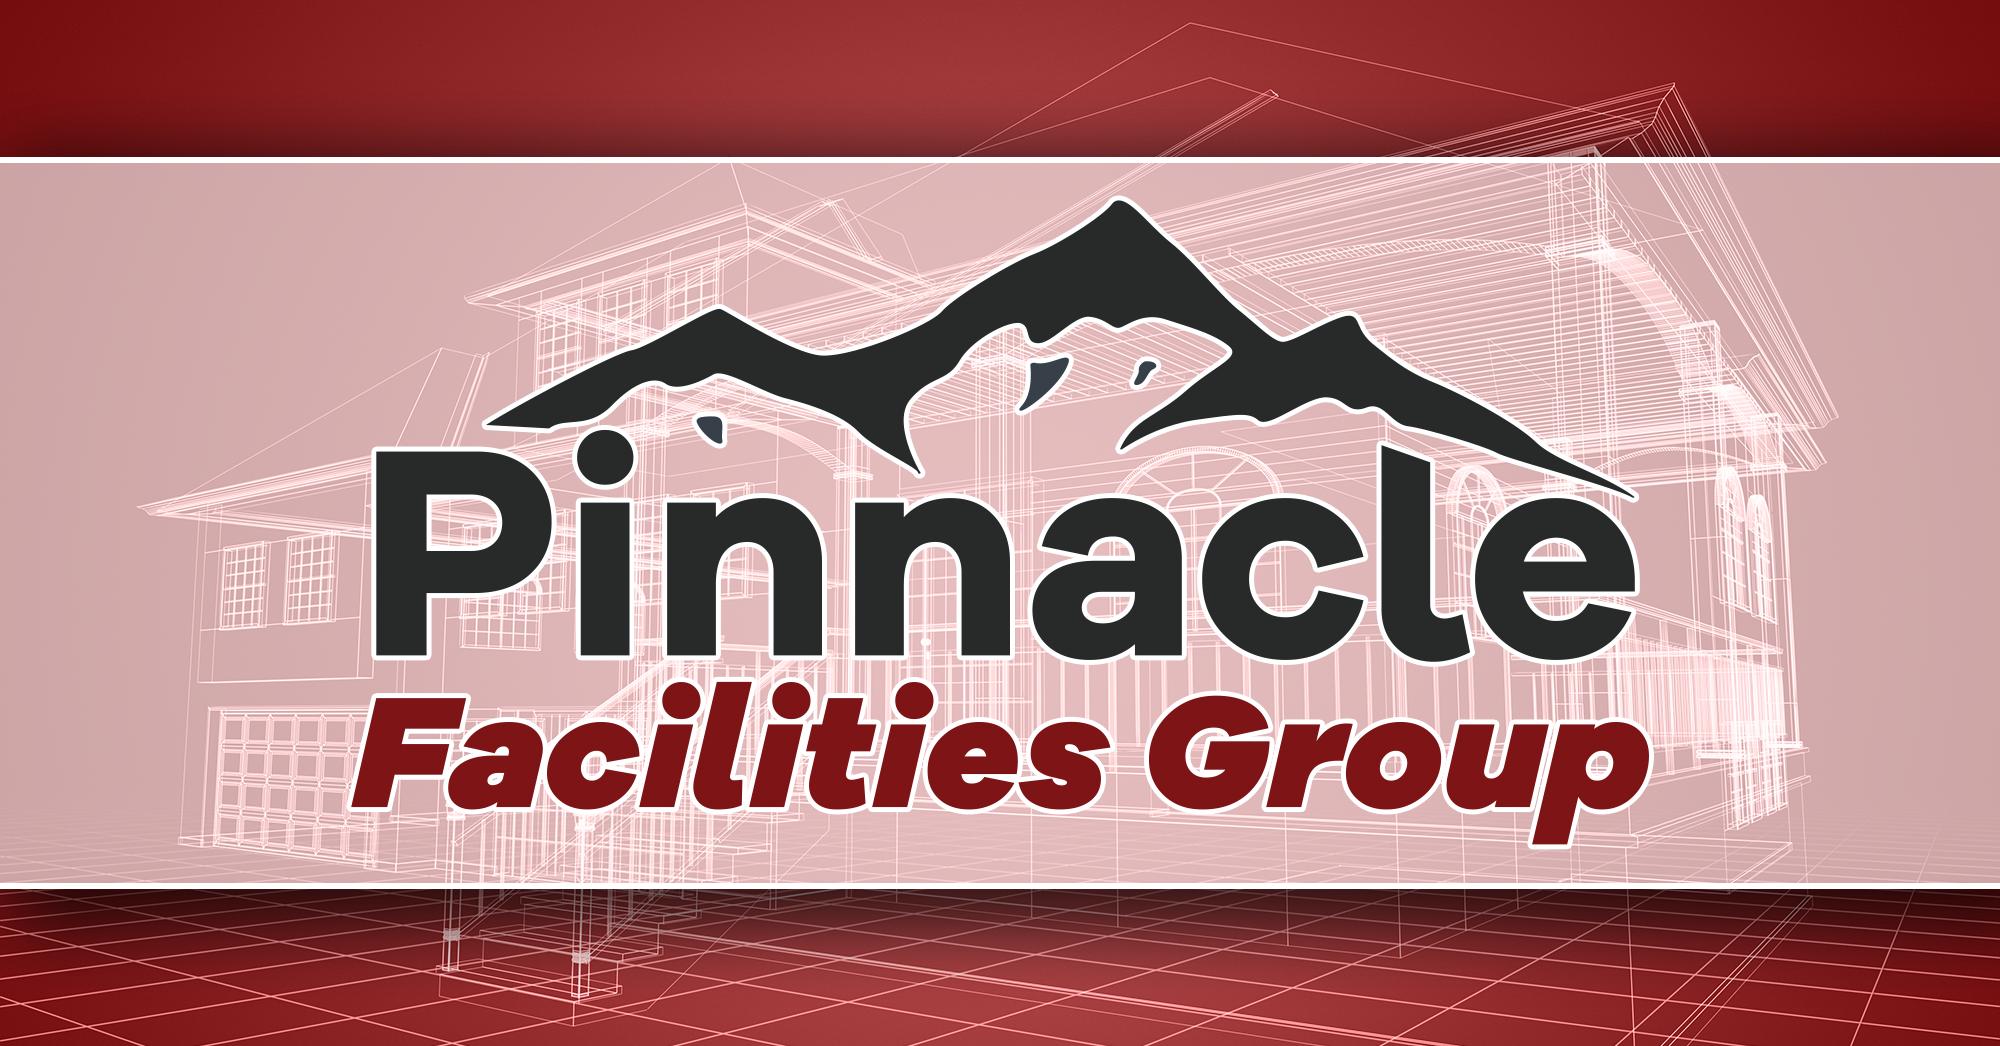 Pinnacle Facilities Group